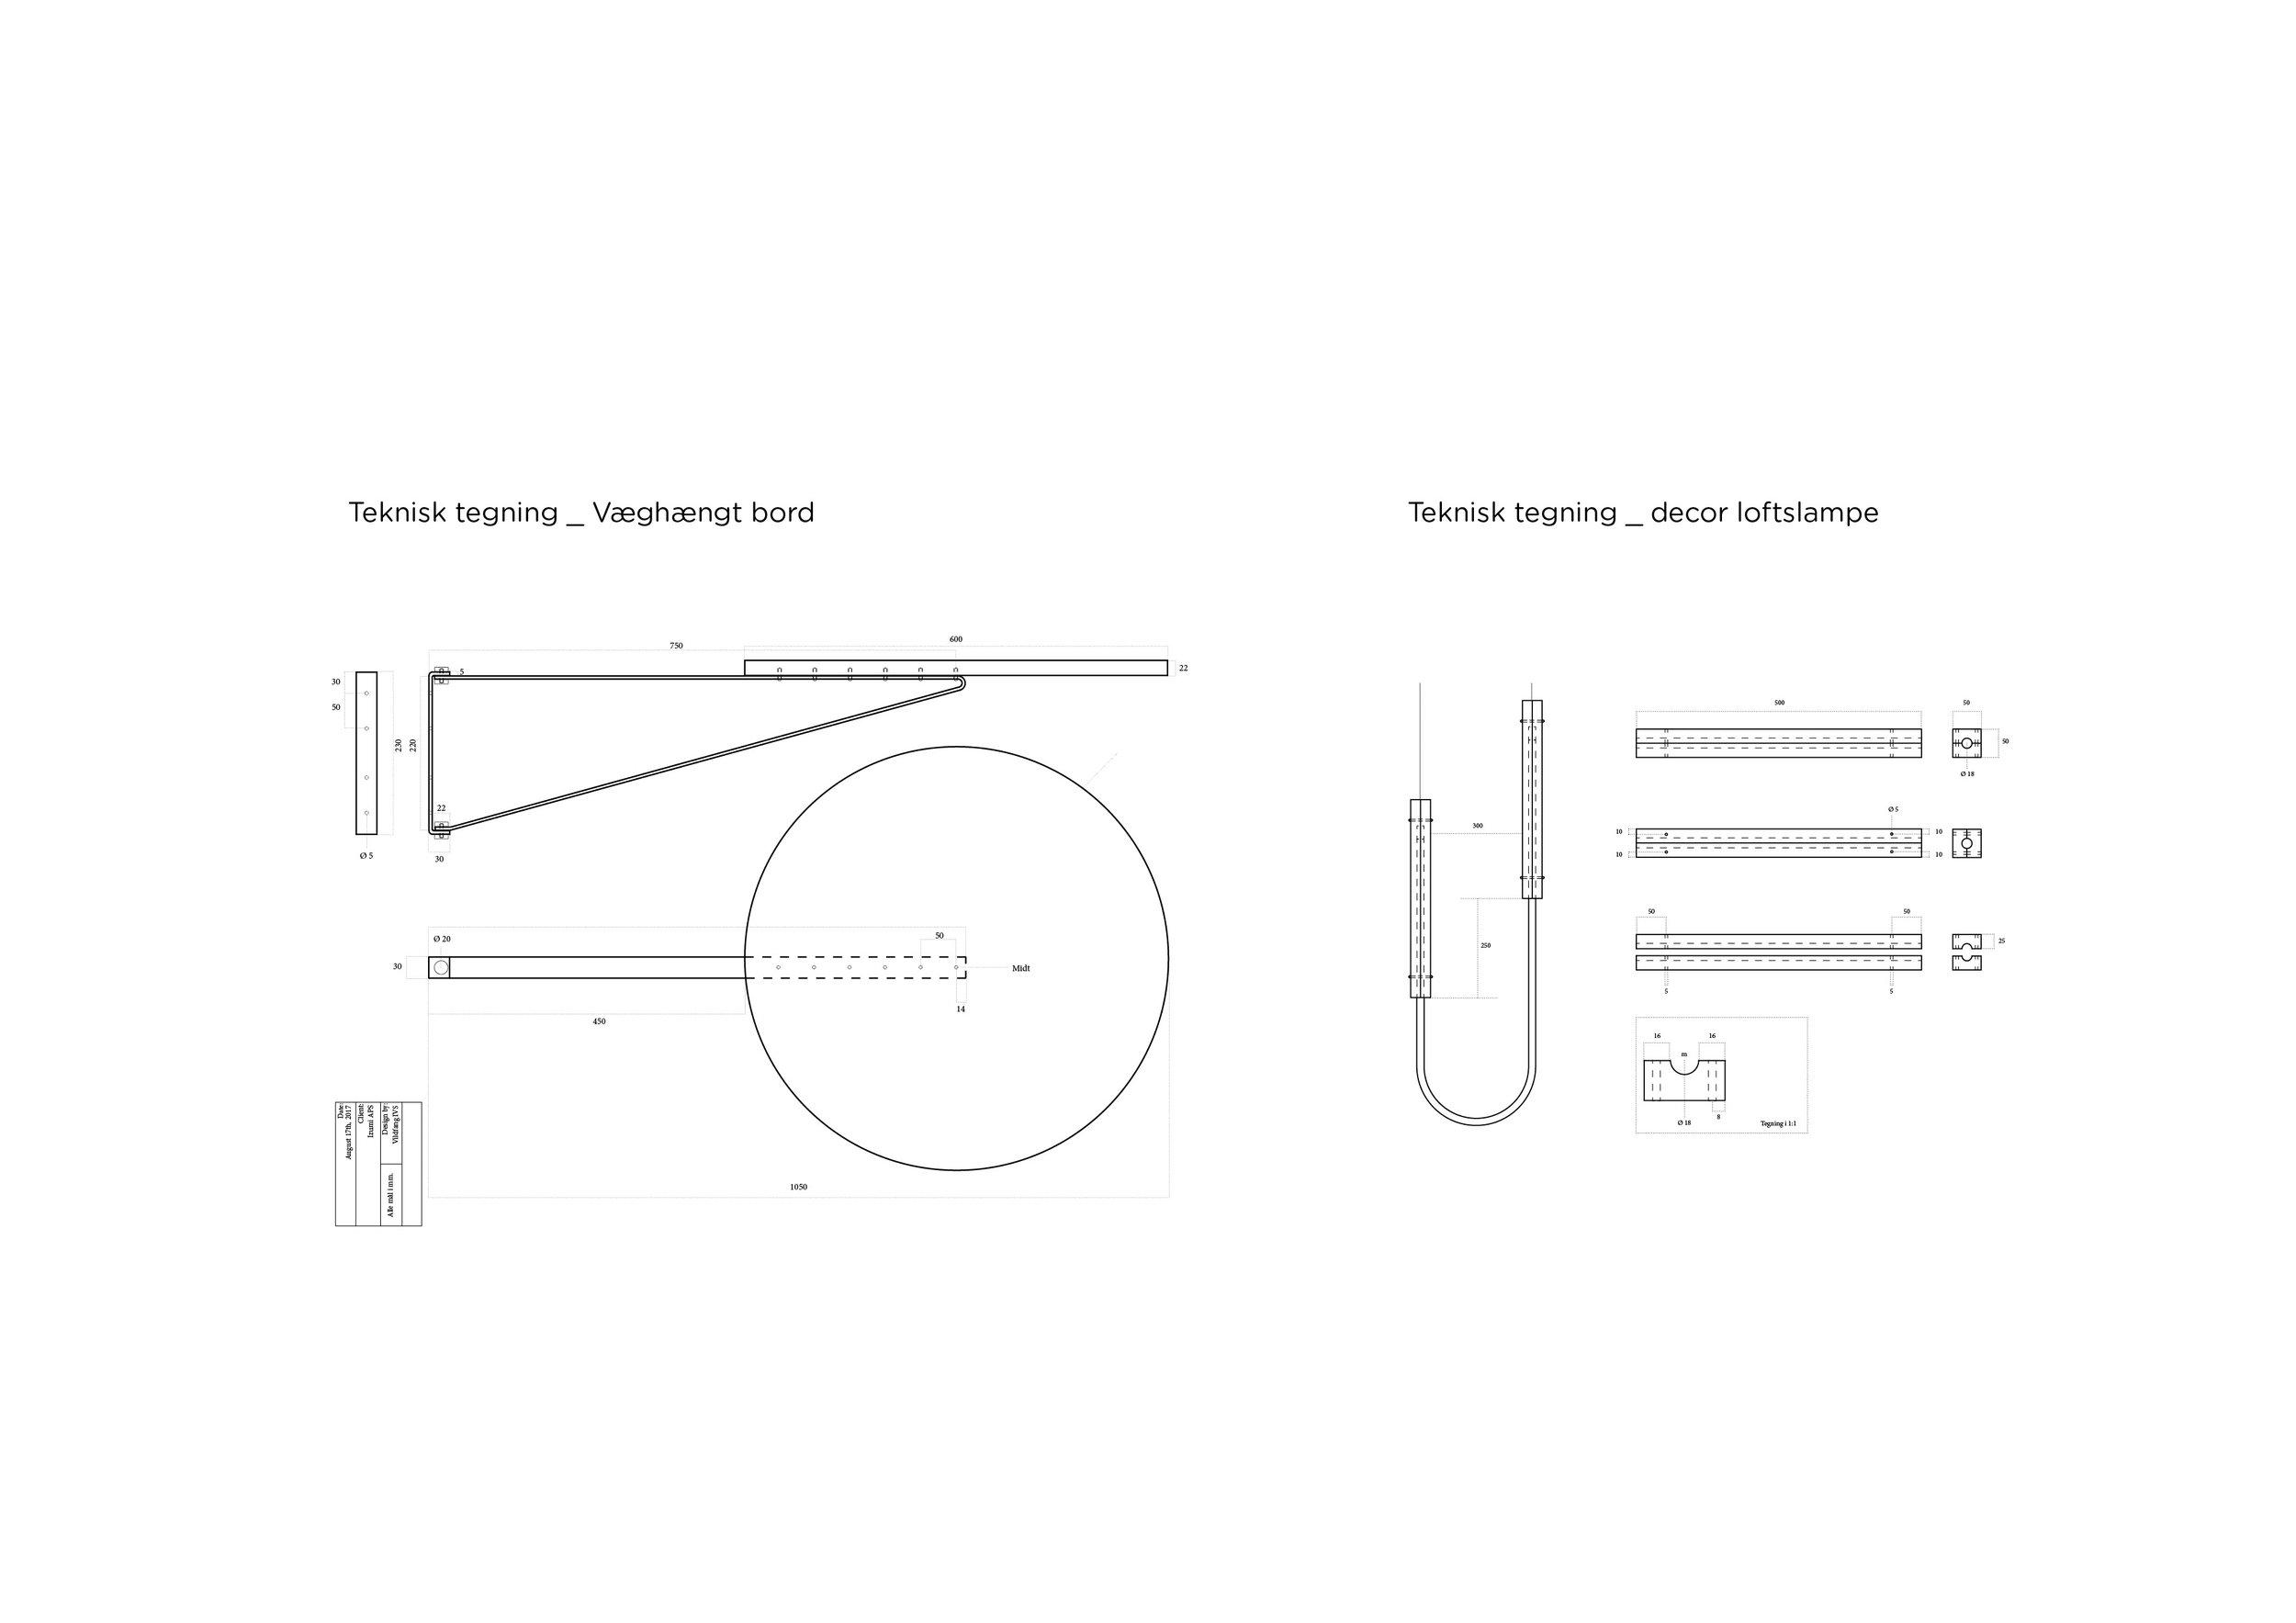 teknisk tegninger izumi charlottenlund.jpg